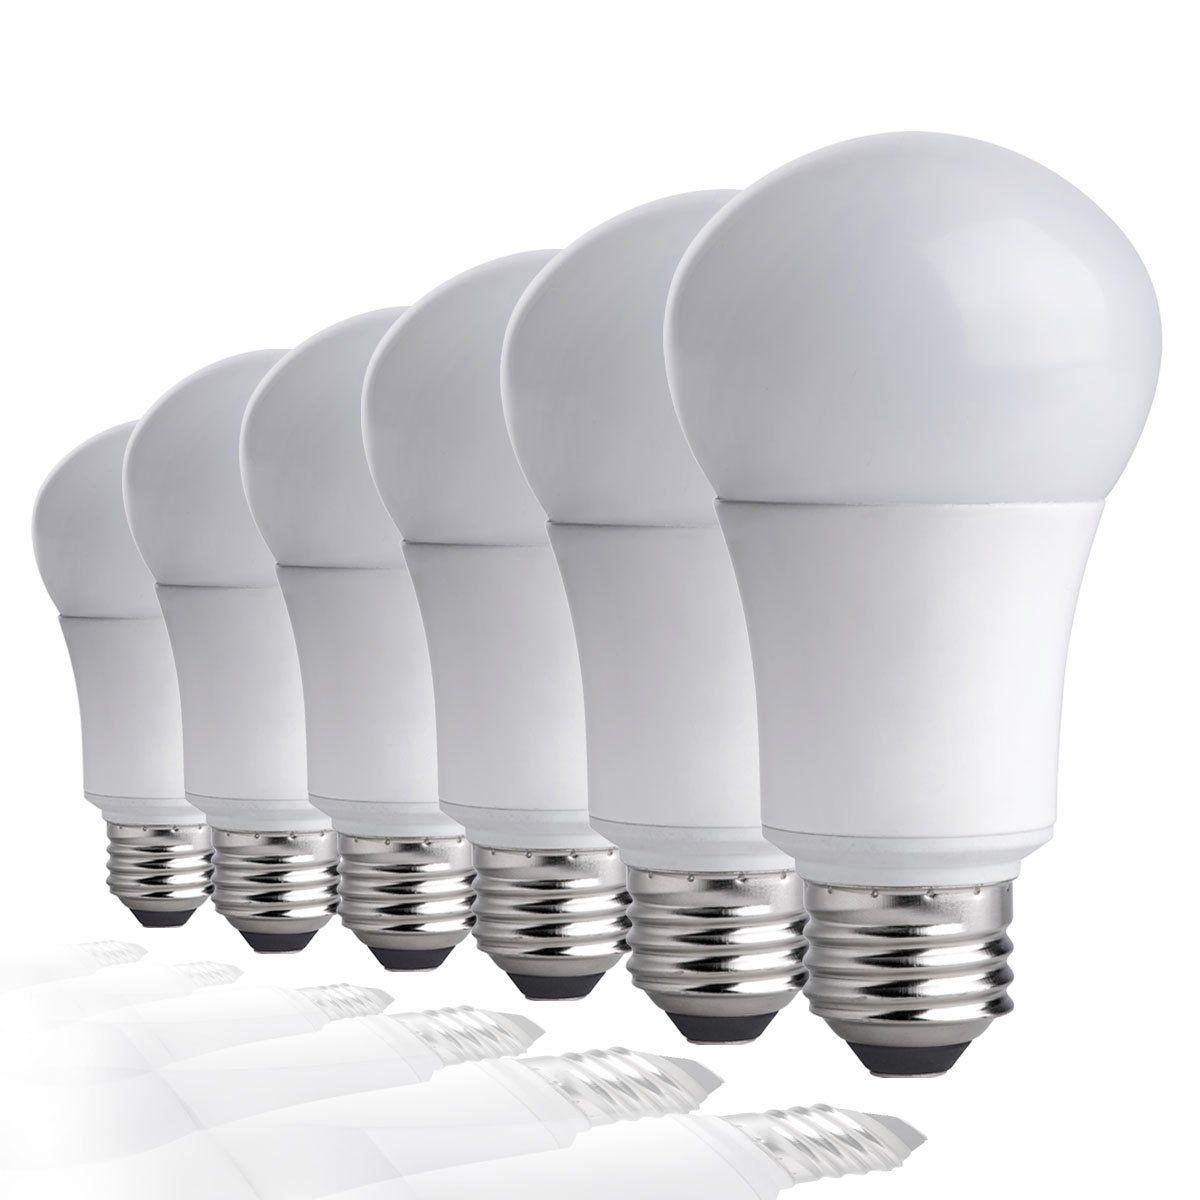 Top 10 Best Led Light Bulbs In 2019 Reviews Led Light Bulbs Led